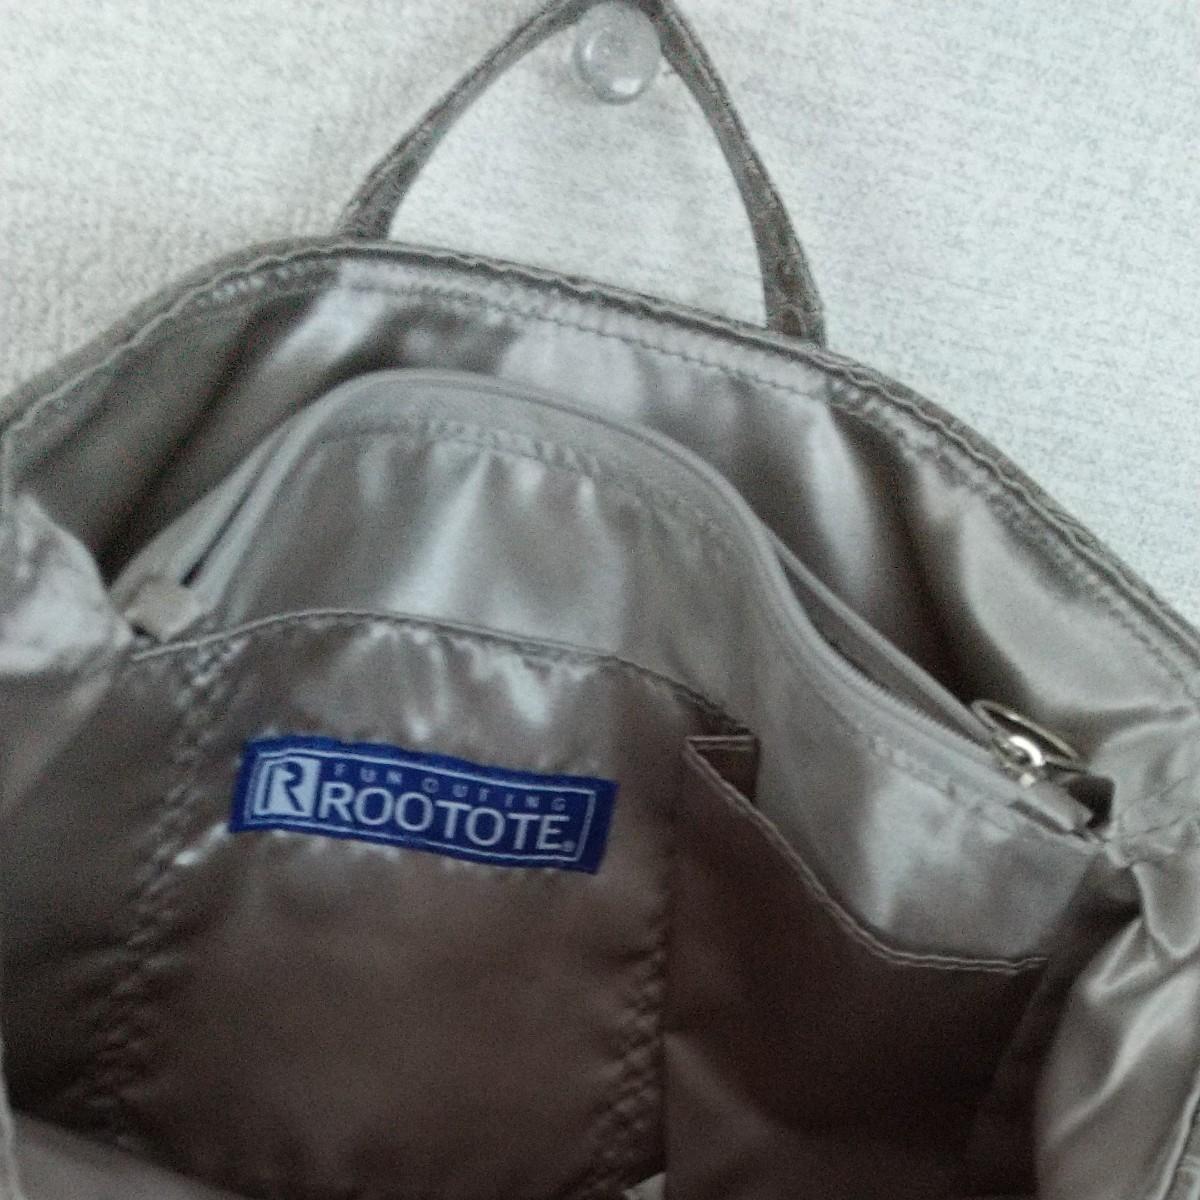 バックインバックROOTOTE クロコ型押し 収納バック 新品未使用